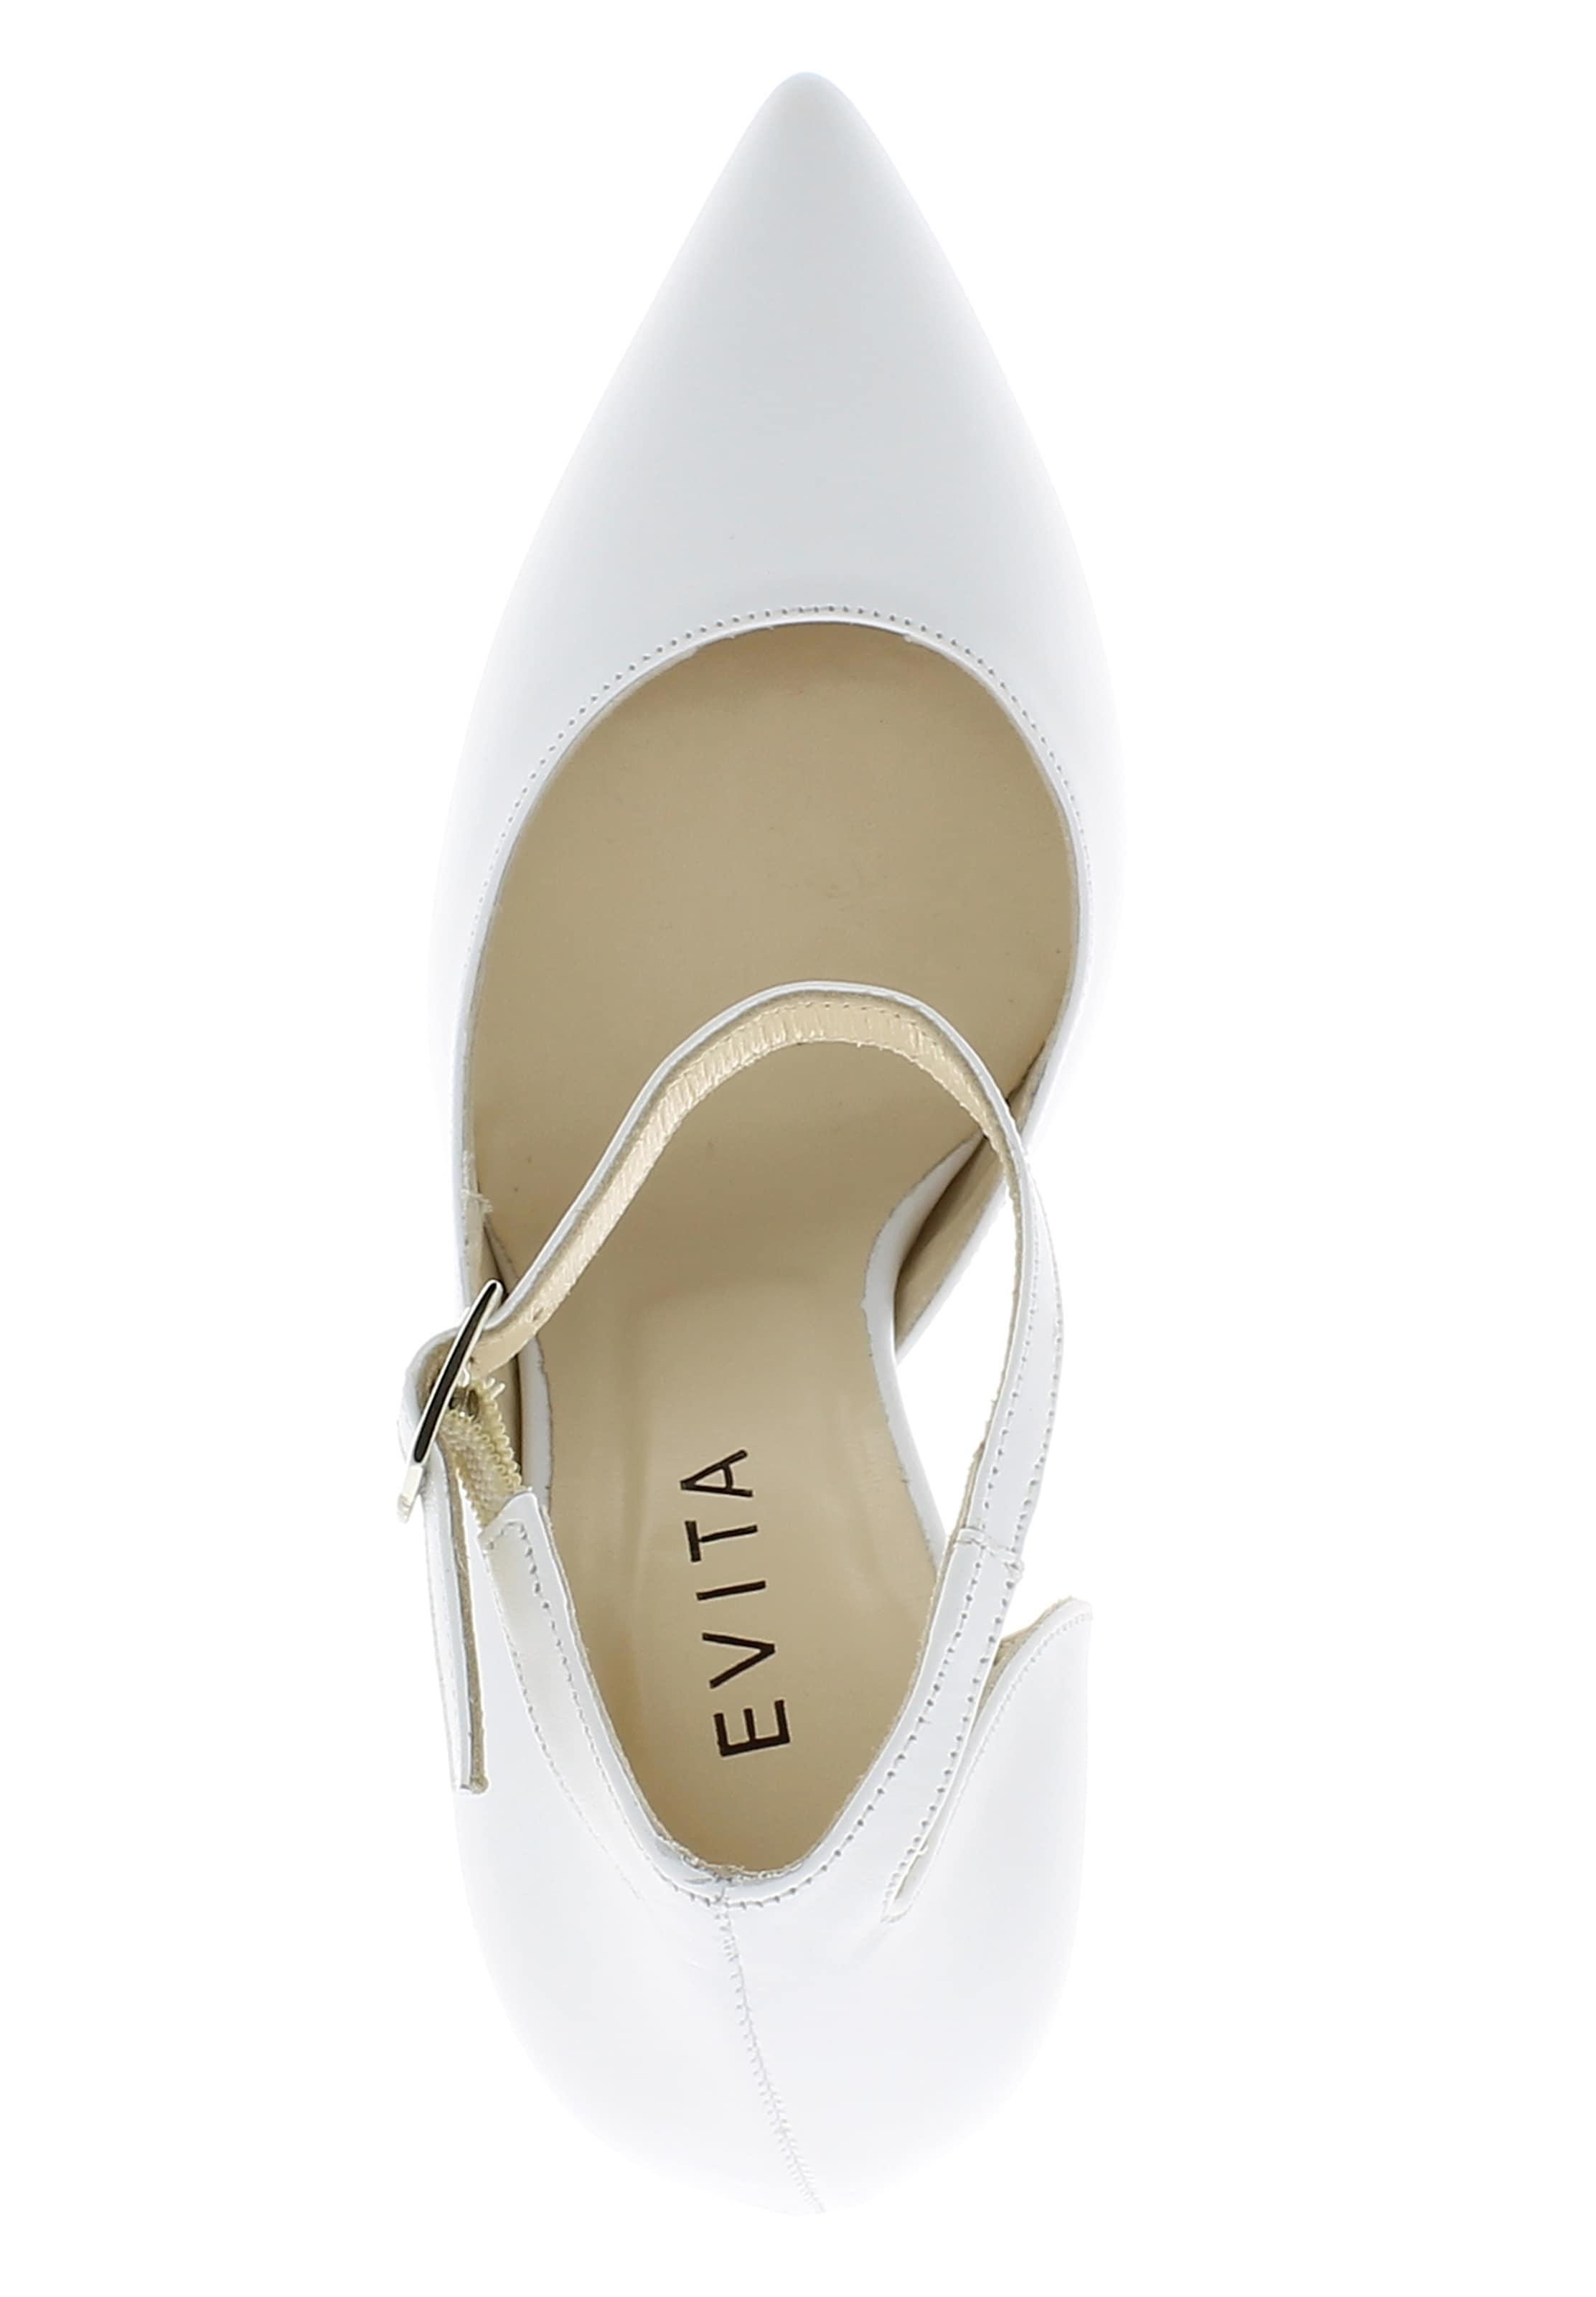 Halboffen Weiß Evita Pumps Halboffen In Evita Halboffen In Pumps In Evita Weiß Pumps vf7mIYbgy6